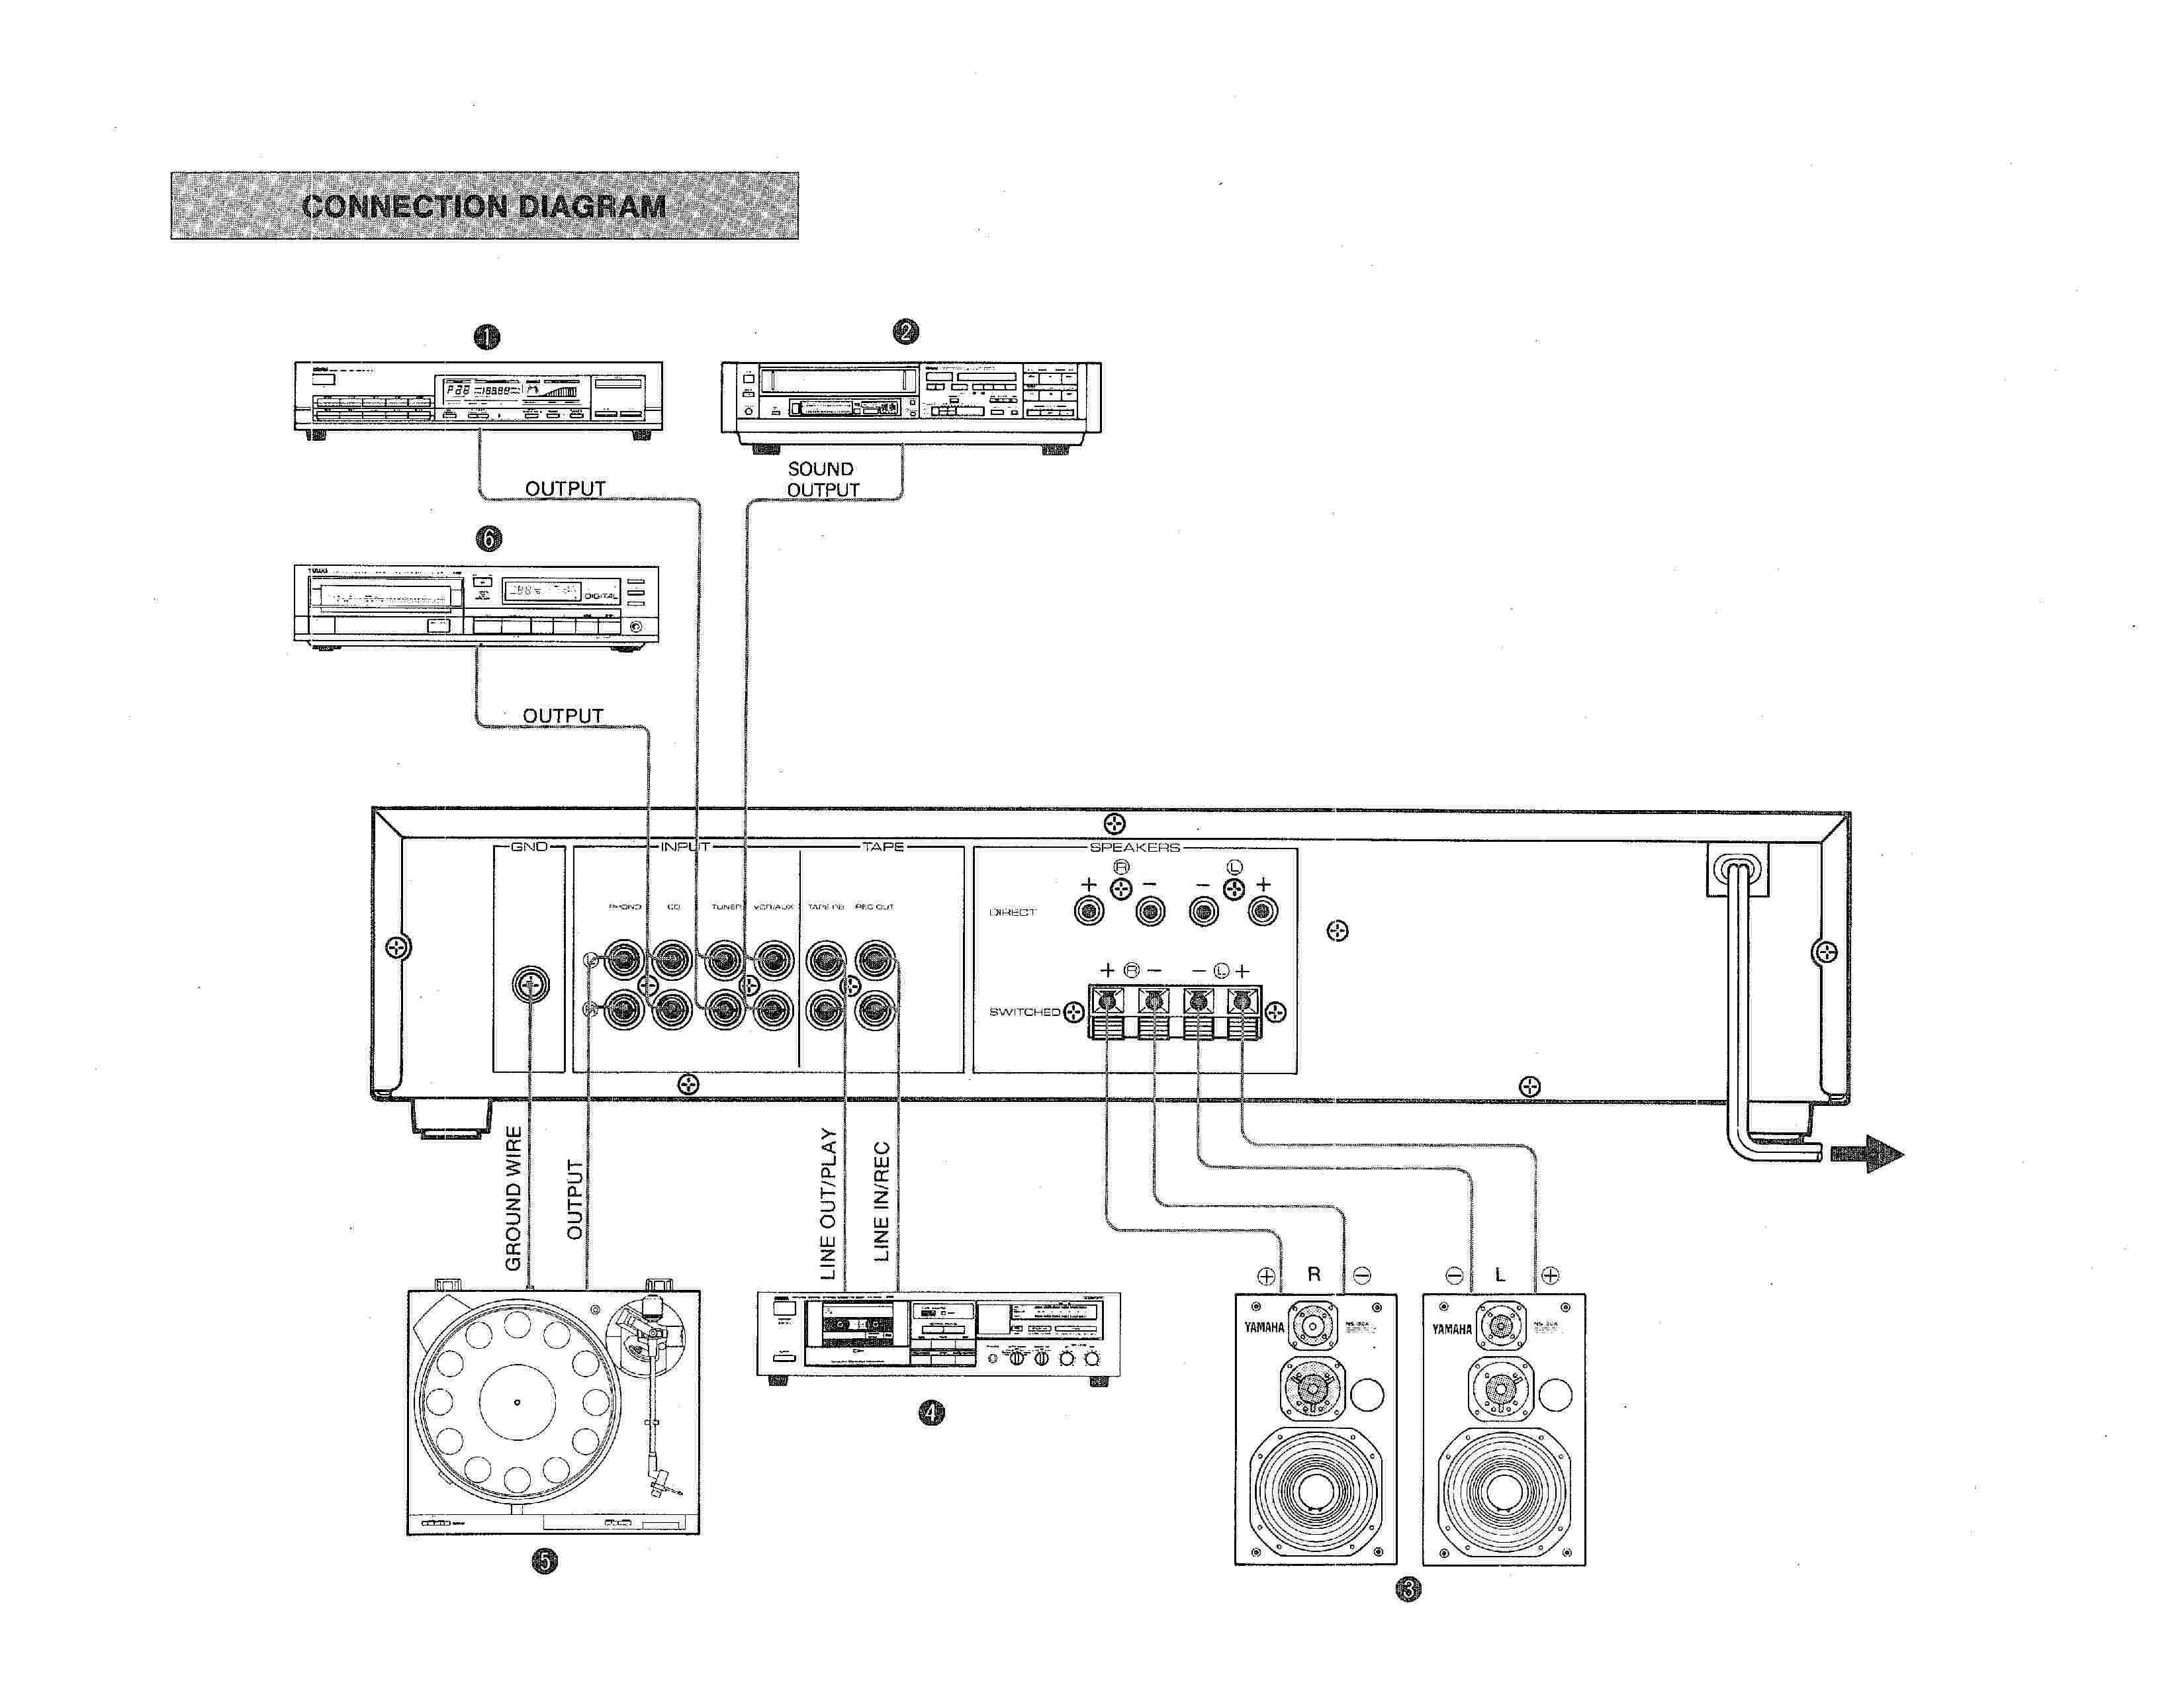 Schema Collegamento Equalizzatore Amplificatore : Collegare casse amplificate a un amplificatore